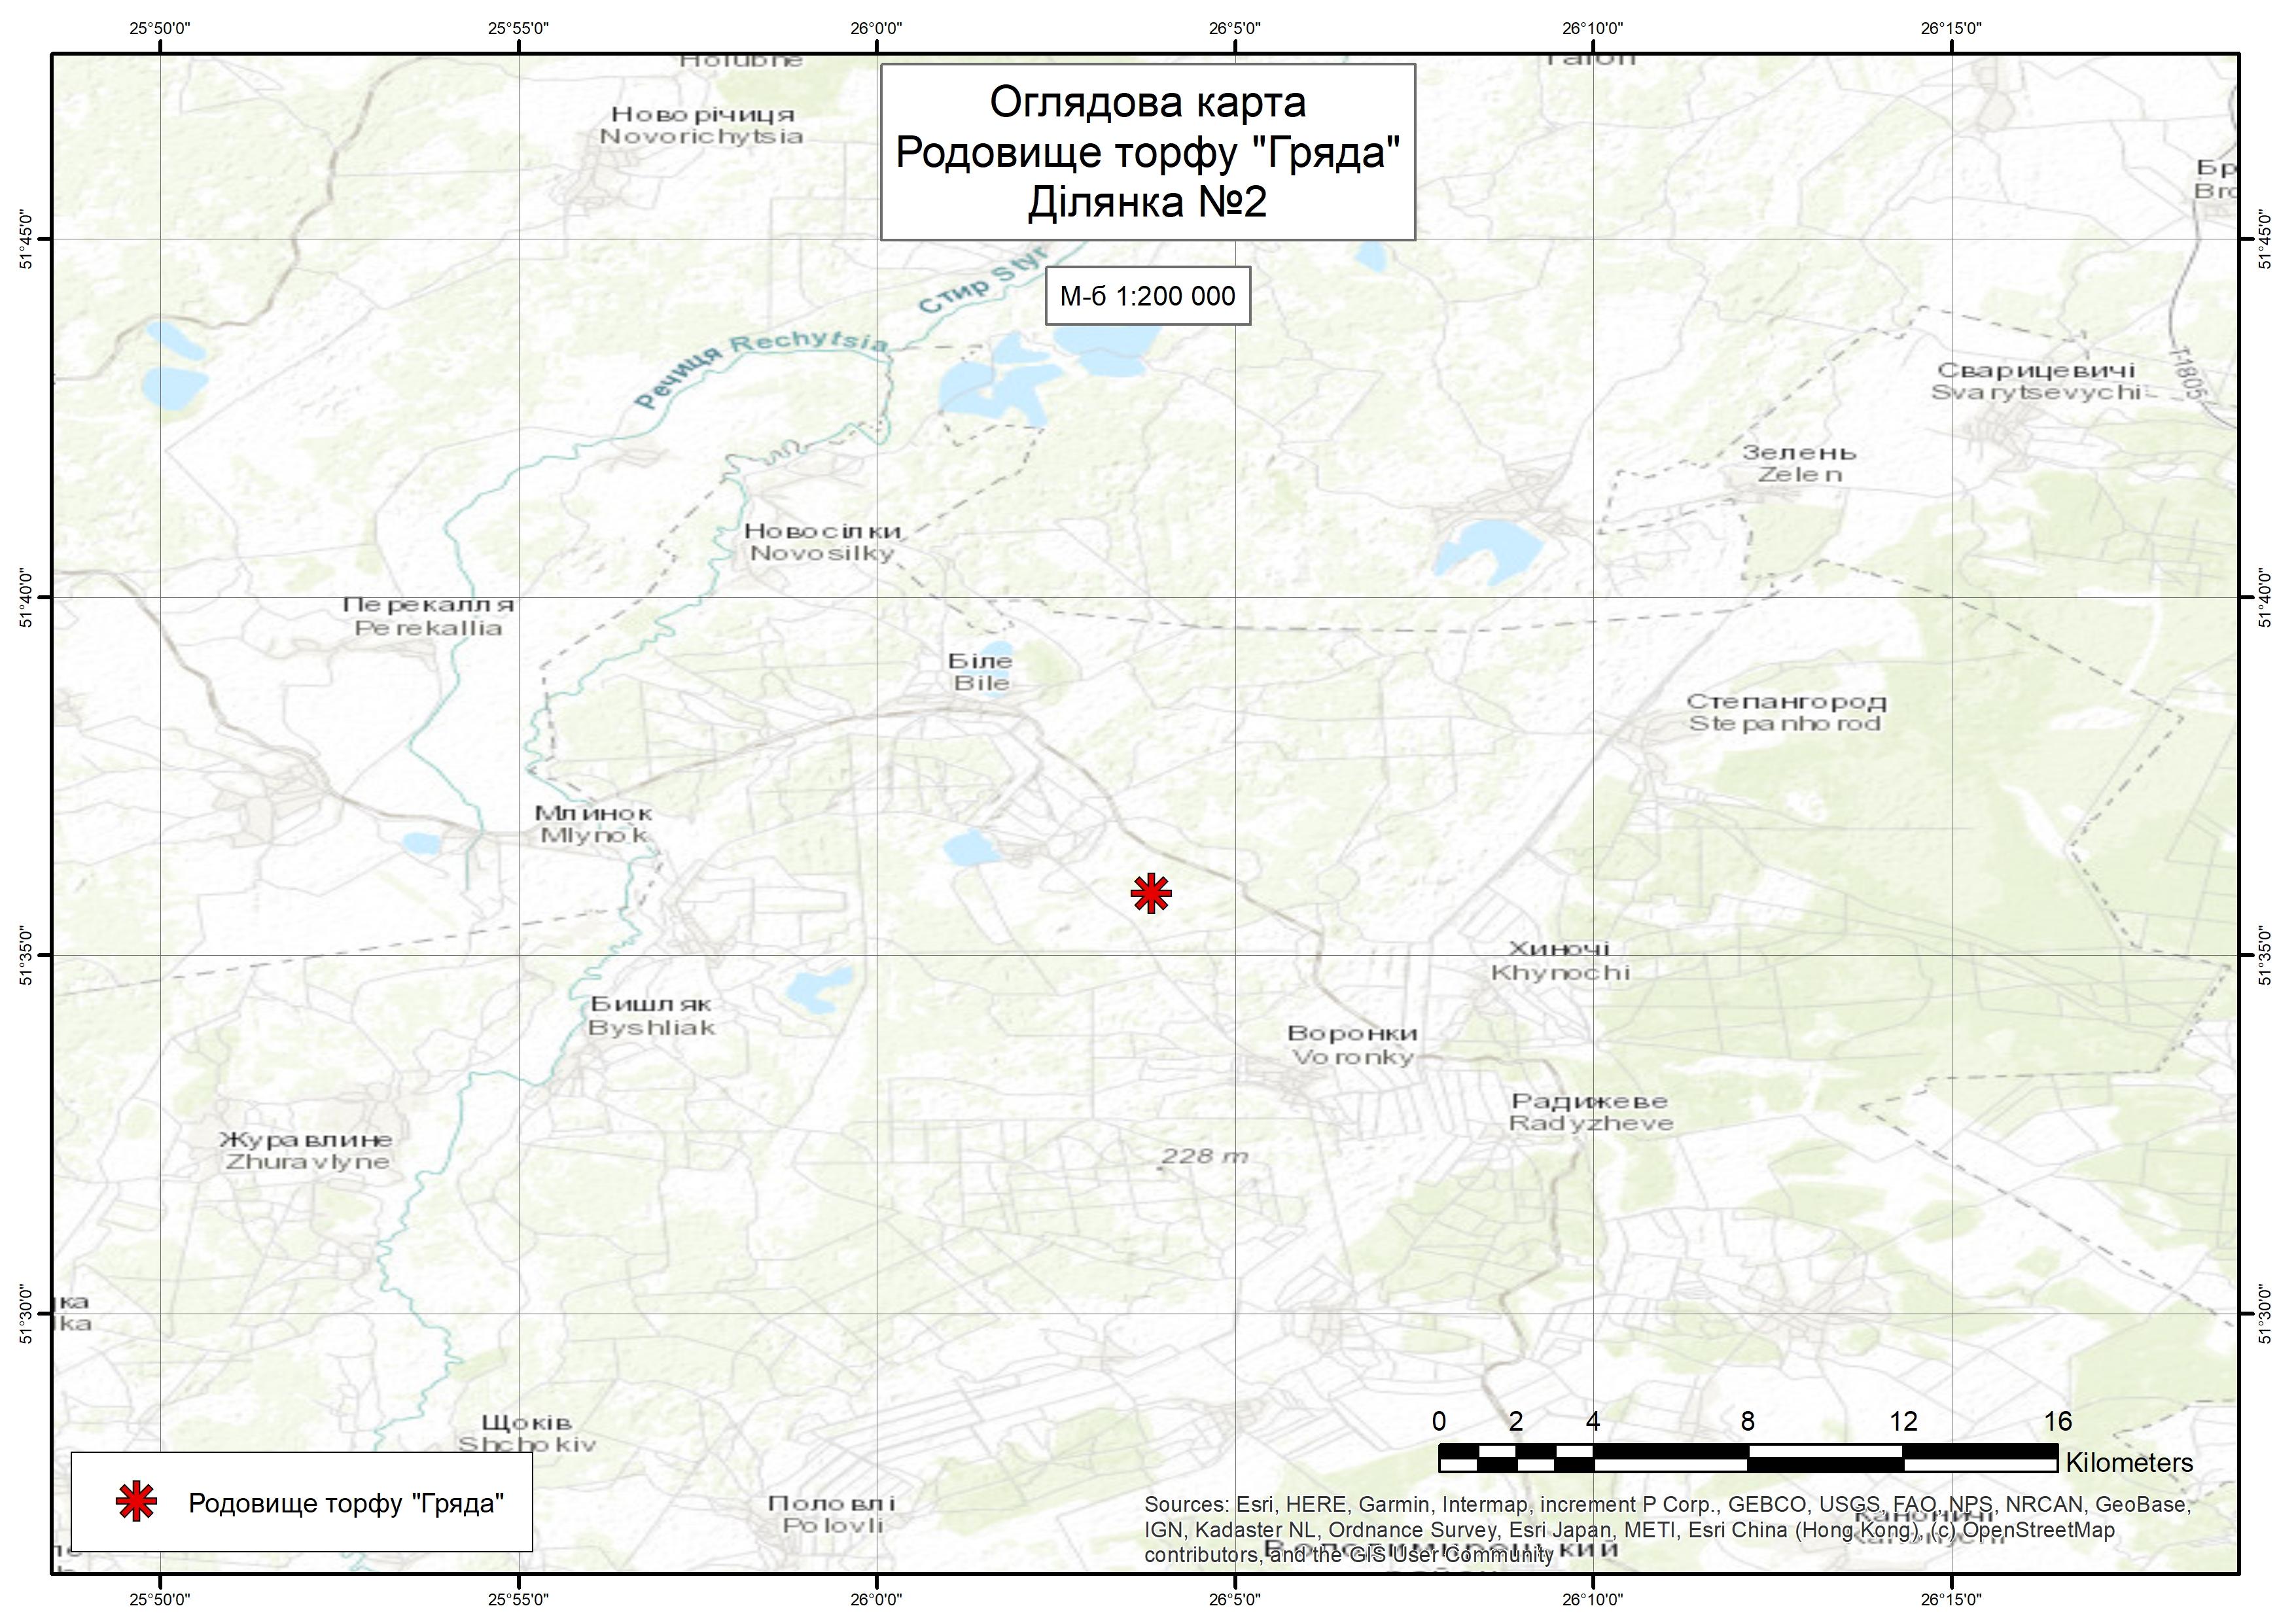 Спеціальний дозвіл на користування надрами – Ділянка № 2 родовища «Гряда». Вартість геологічної інформації – 29 081,09 грн (з ПДВ). Вартість пакету аукціонної документації – 9 739, 83 грн (з ПДВ).